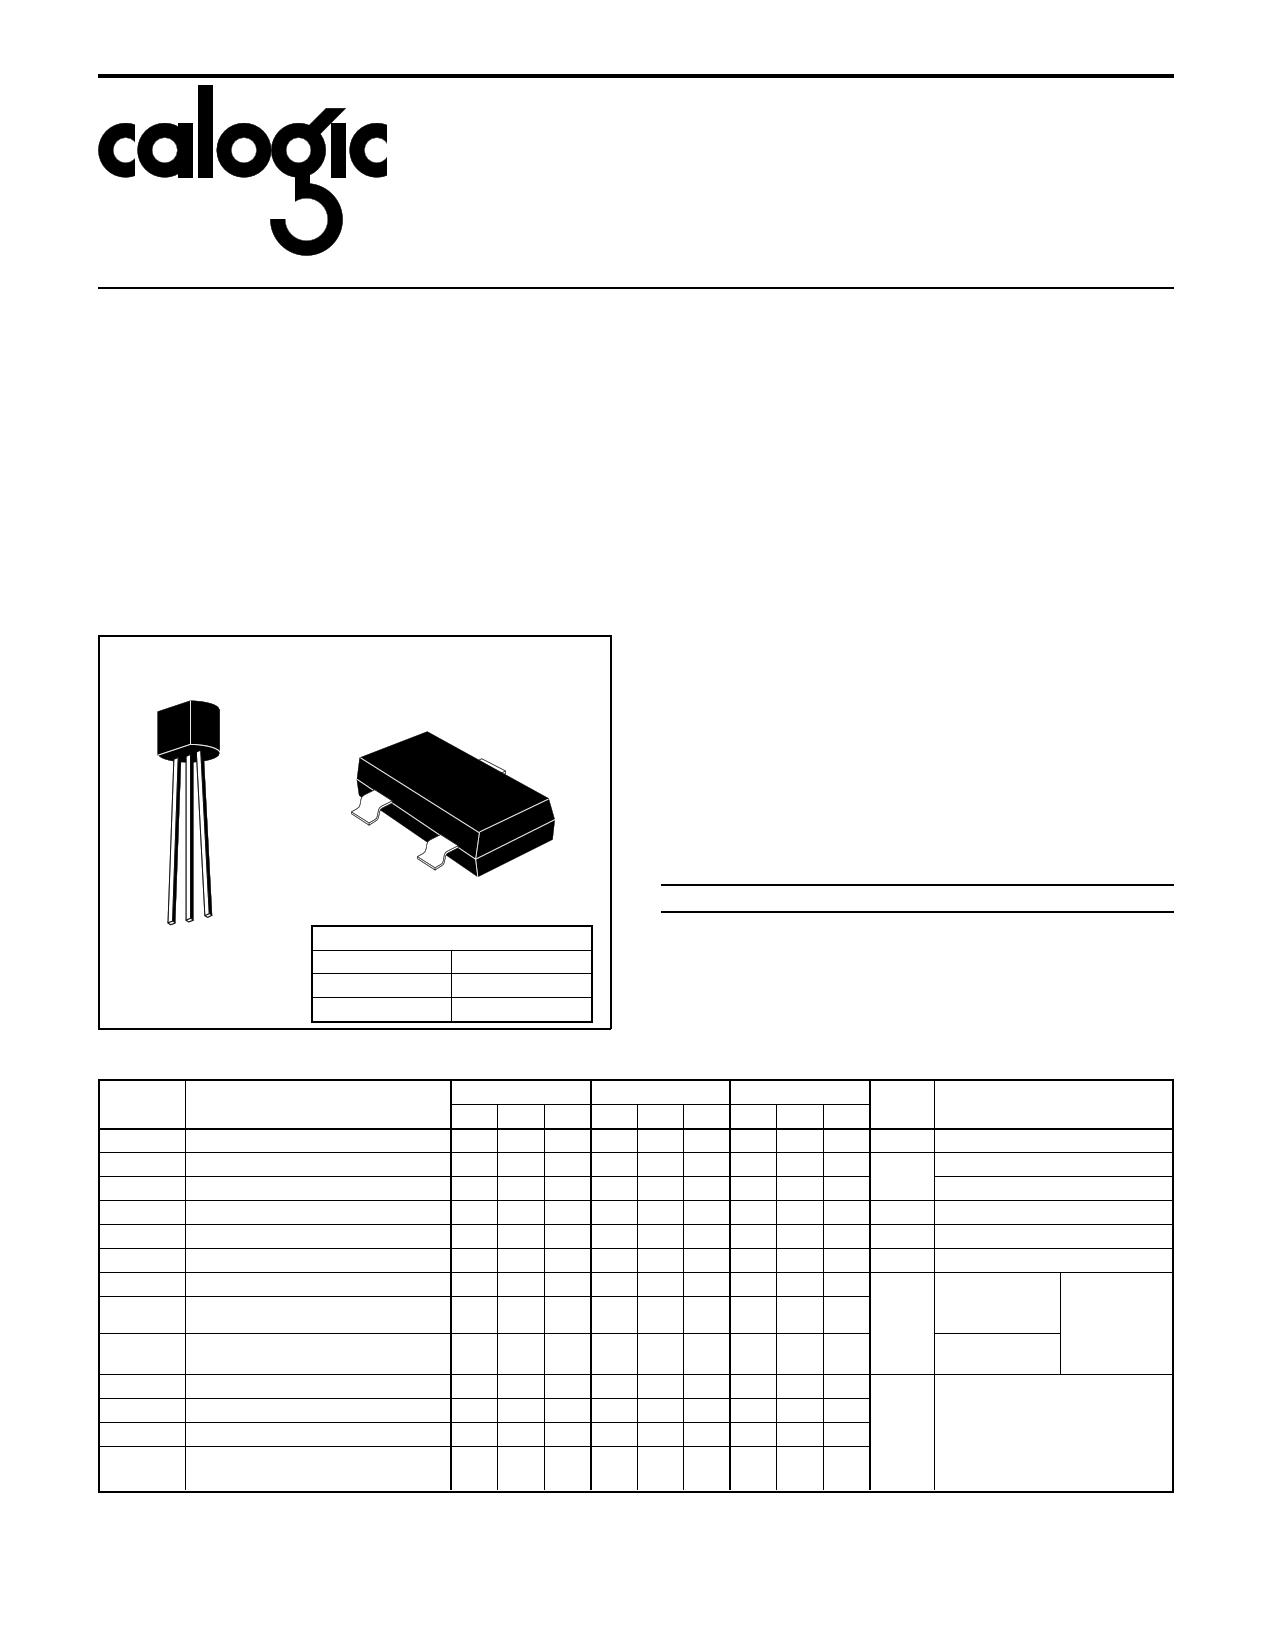 J108 datasheet